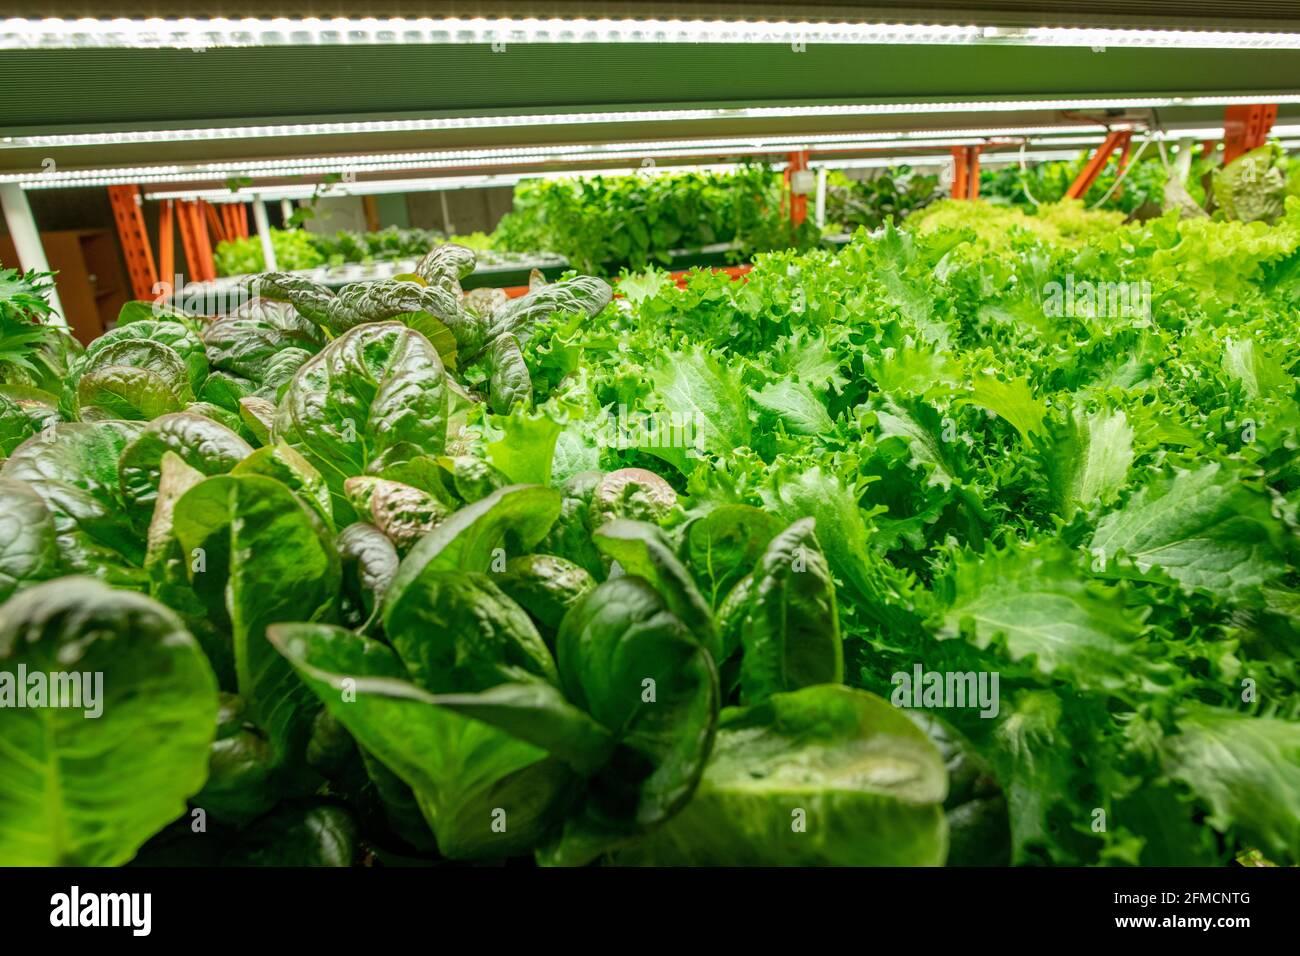 Gros plan de différentes sortes de verts avec différentes formes de Les feuilles poussent sous une lampe LED dans une ferme verticale Banque D'Images